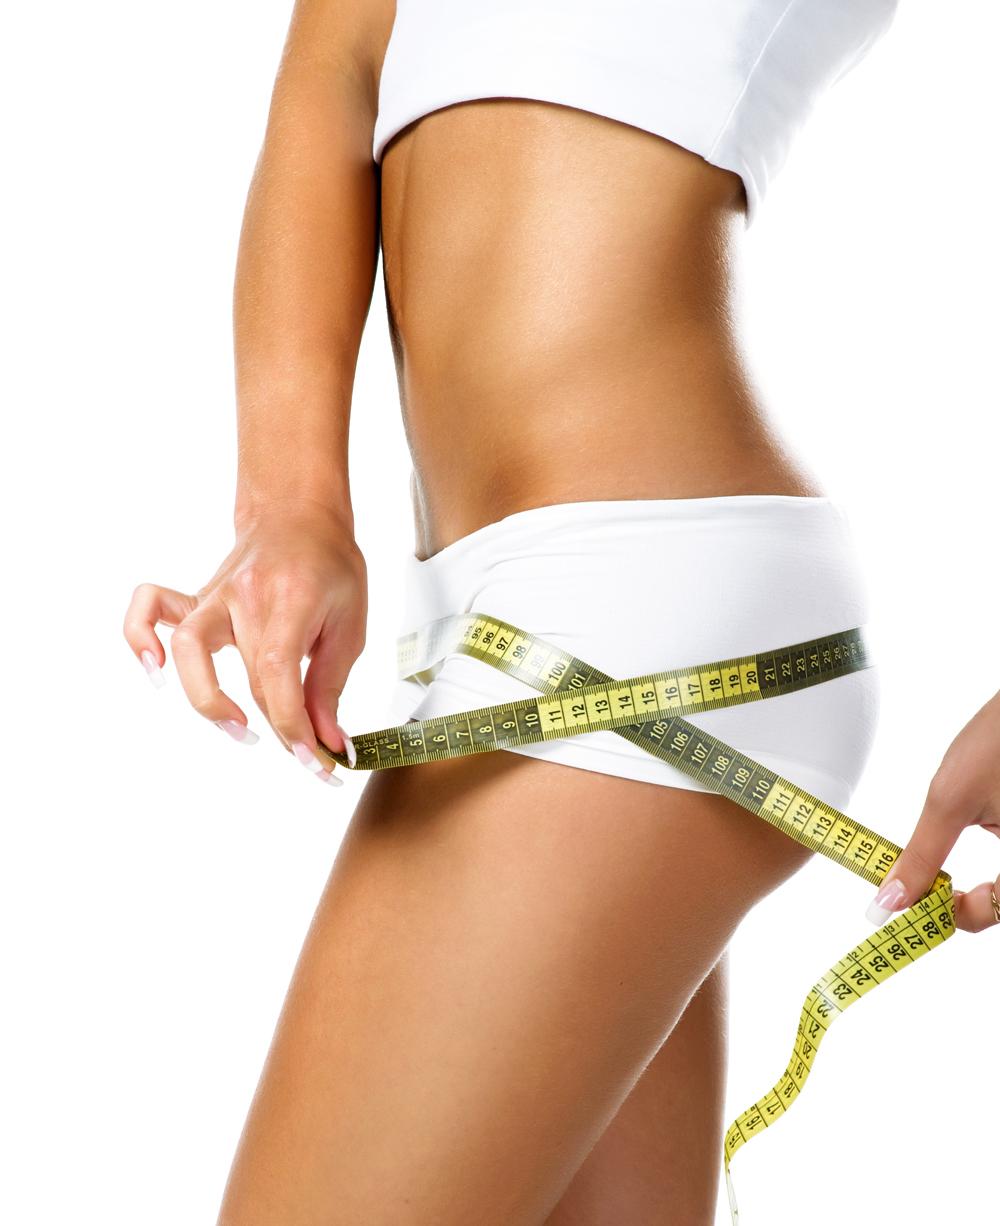 Τέσσερις λόγοι που εξηγούν γιατί δε χάνεις βάρος παρά την προσπάθεια